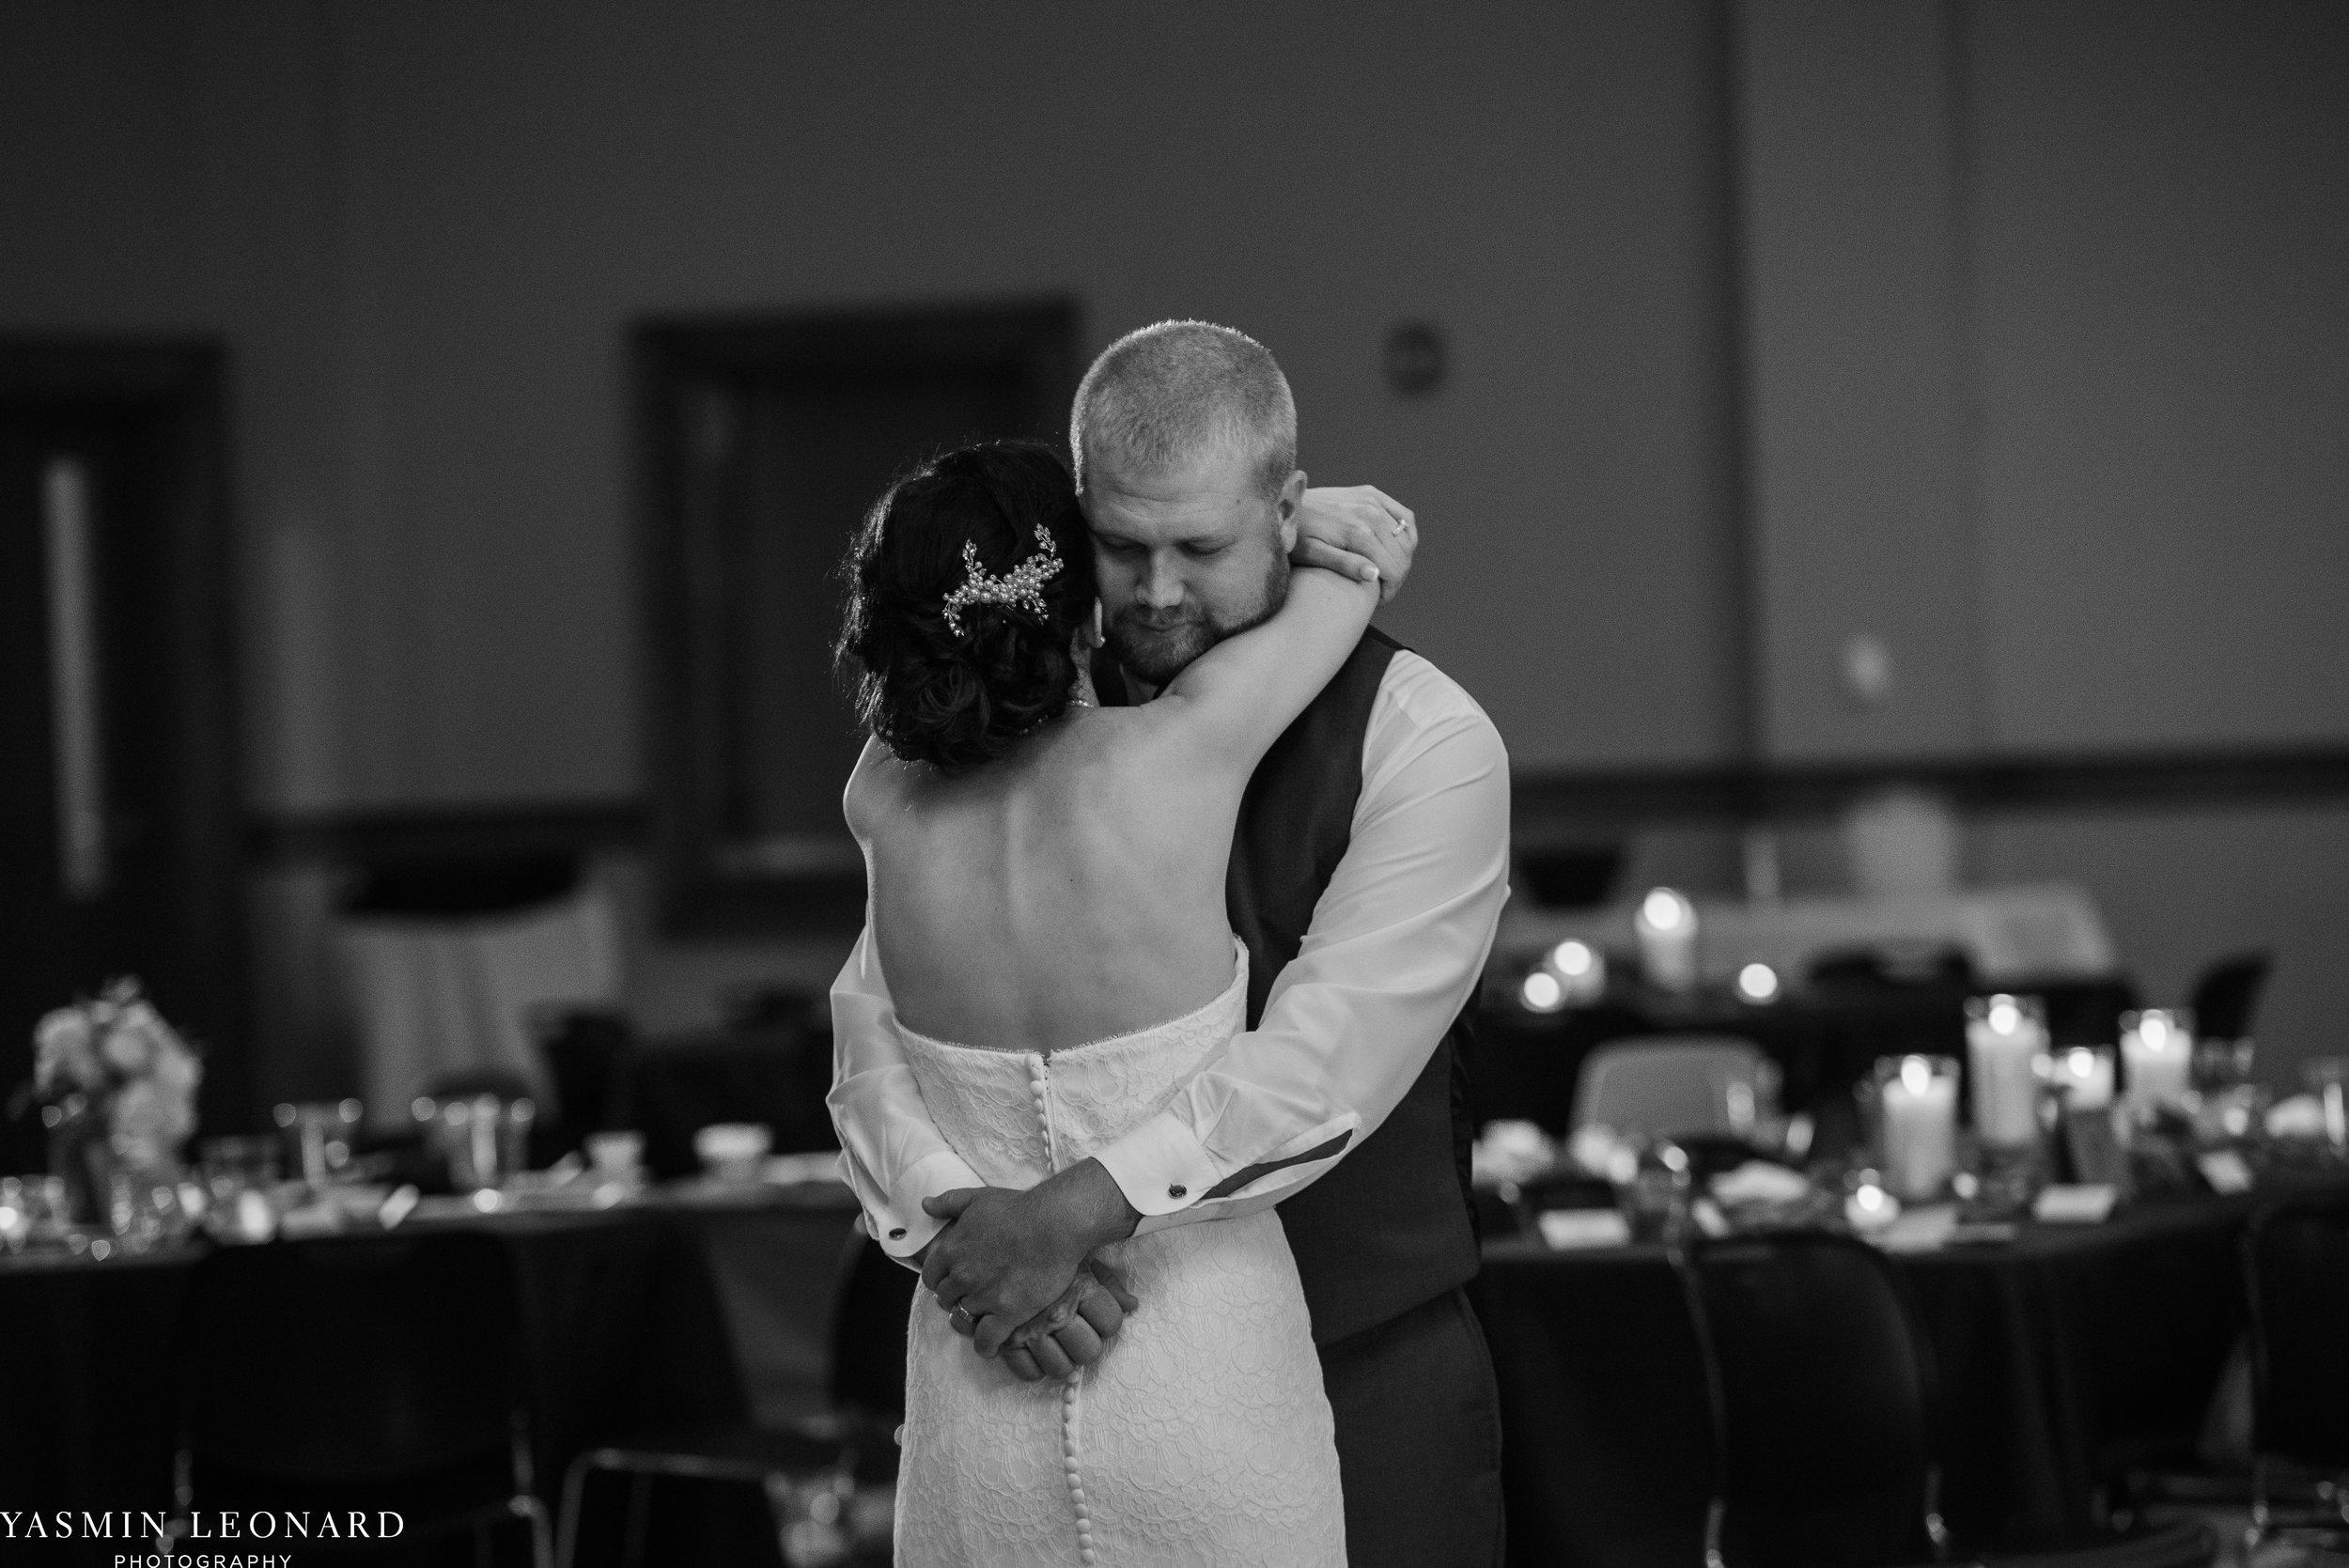 Mt. Pleasant Church - Church Wedding - Traditional Wedding - Church Ceremony - Country Wedding - Godly Wedding - NC Wedding Photographer - High Point Weddings - Triad Weddings - NC Venues-55.jpg